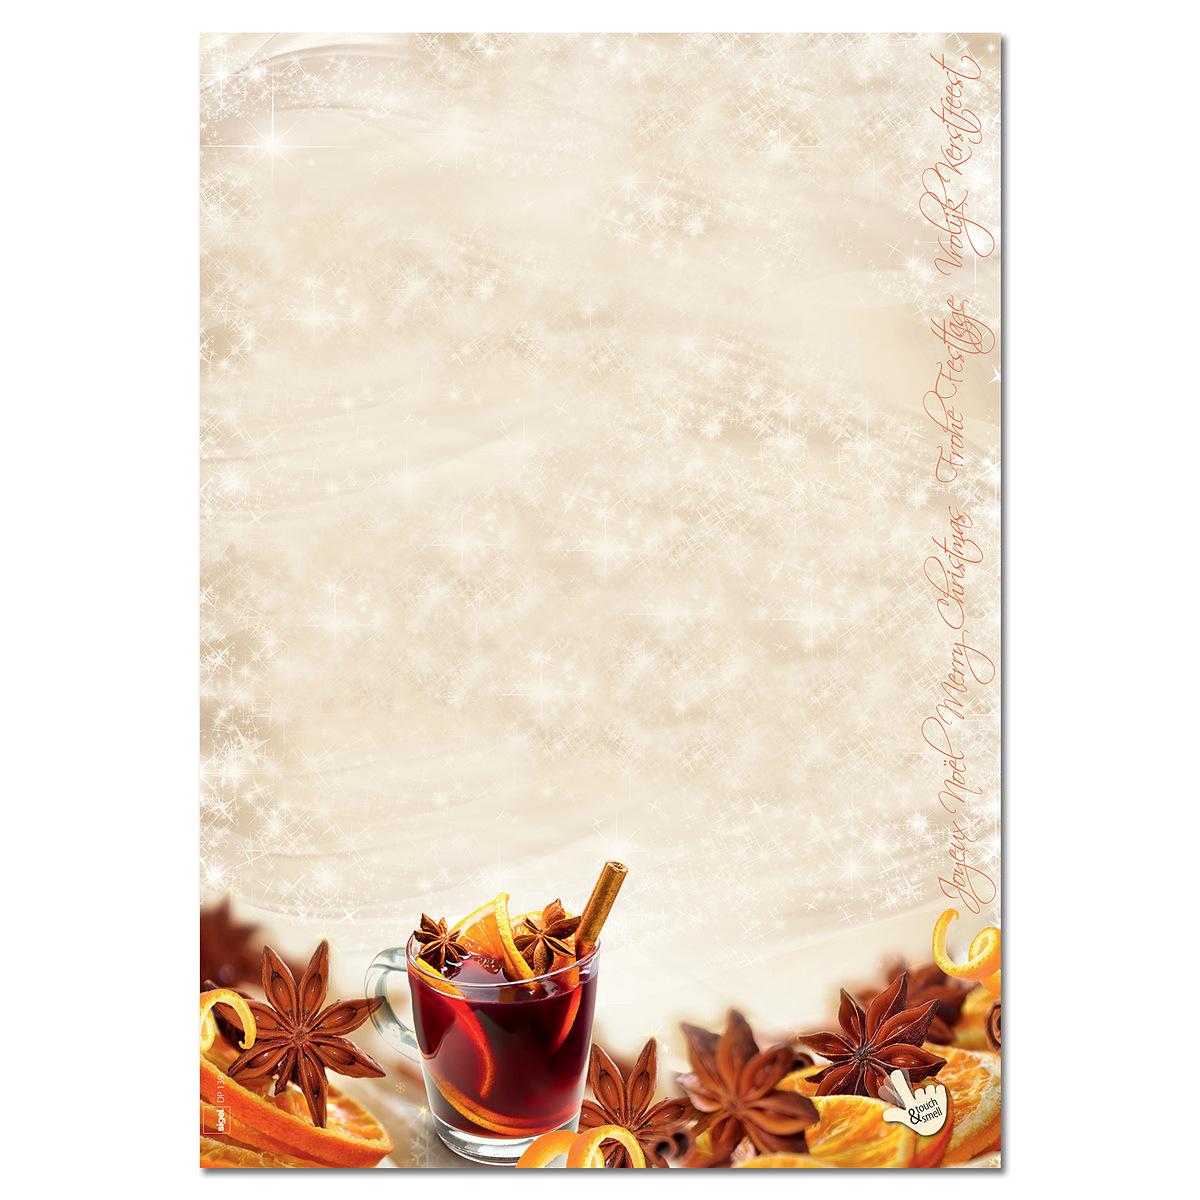 Motivpapier Weihnachten.Weihnachts Motiv Papier Sigel